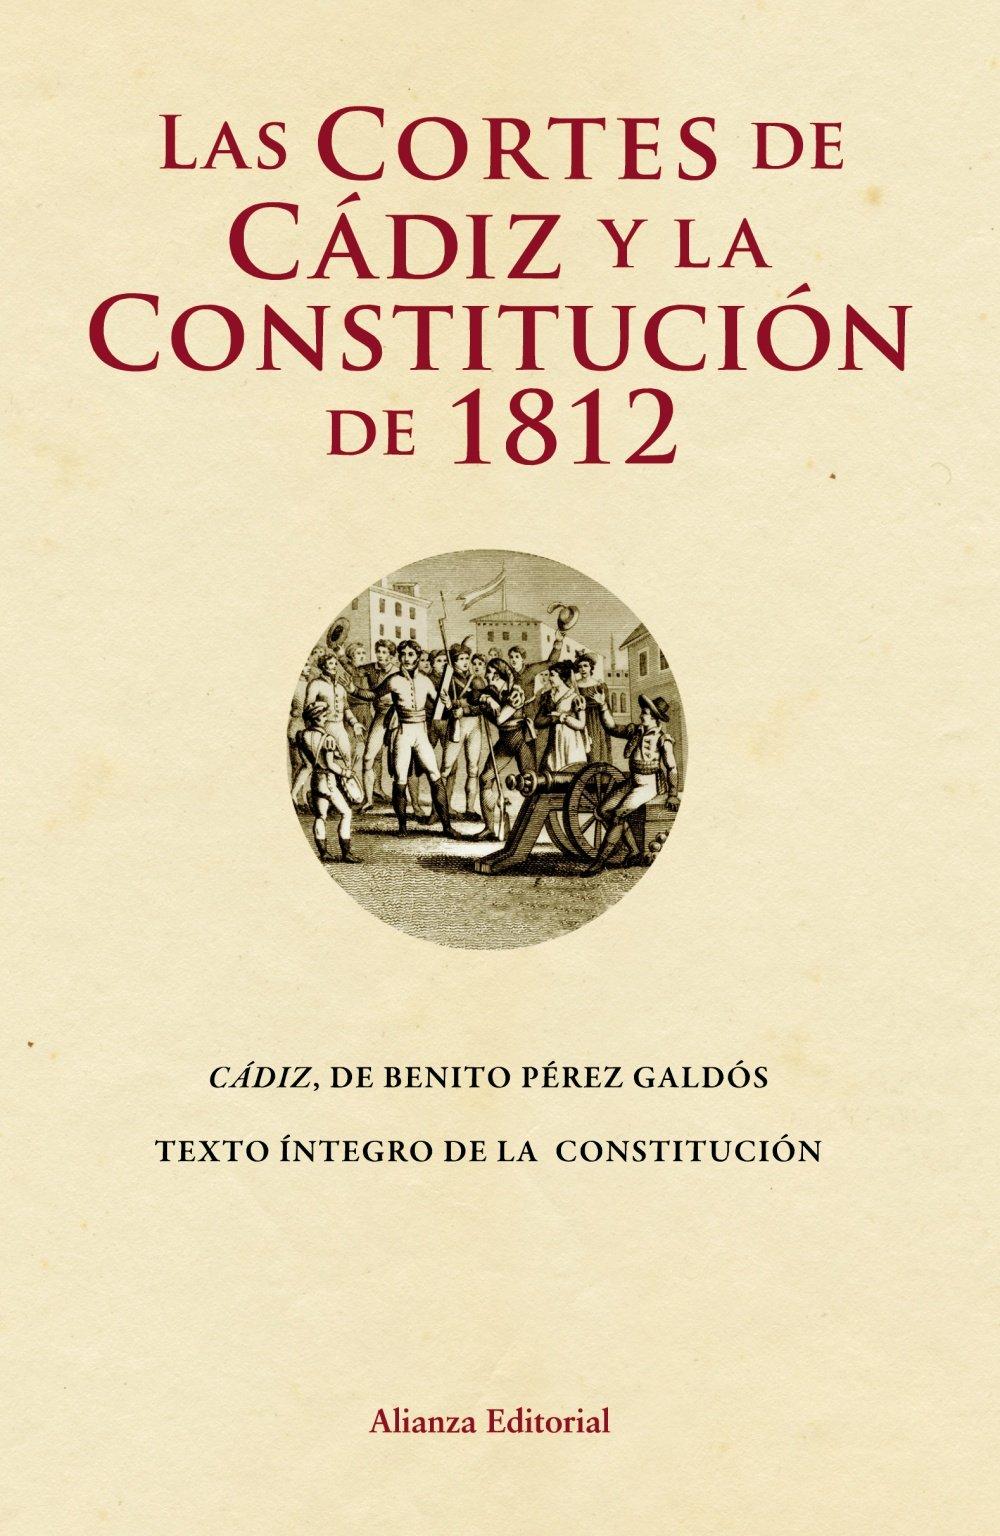 Las Cortes de Cádiz - La Constitución de 1812 (13/20): Amazon.es: Pérez Galdós, Benito: Libros